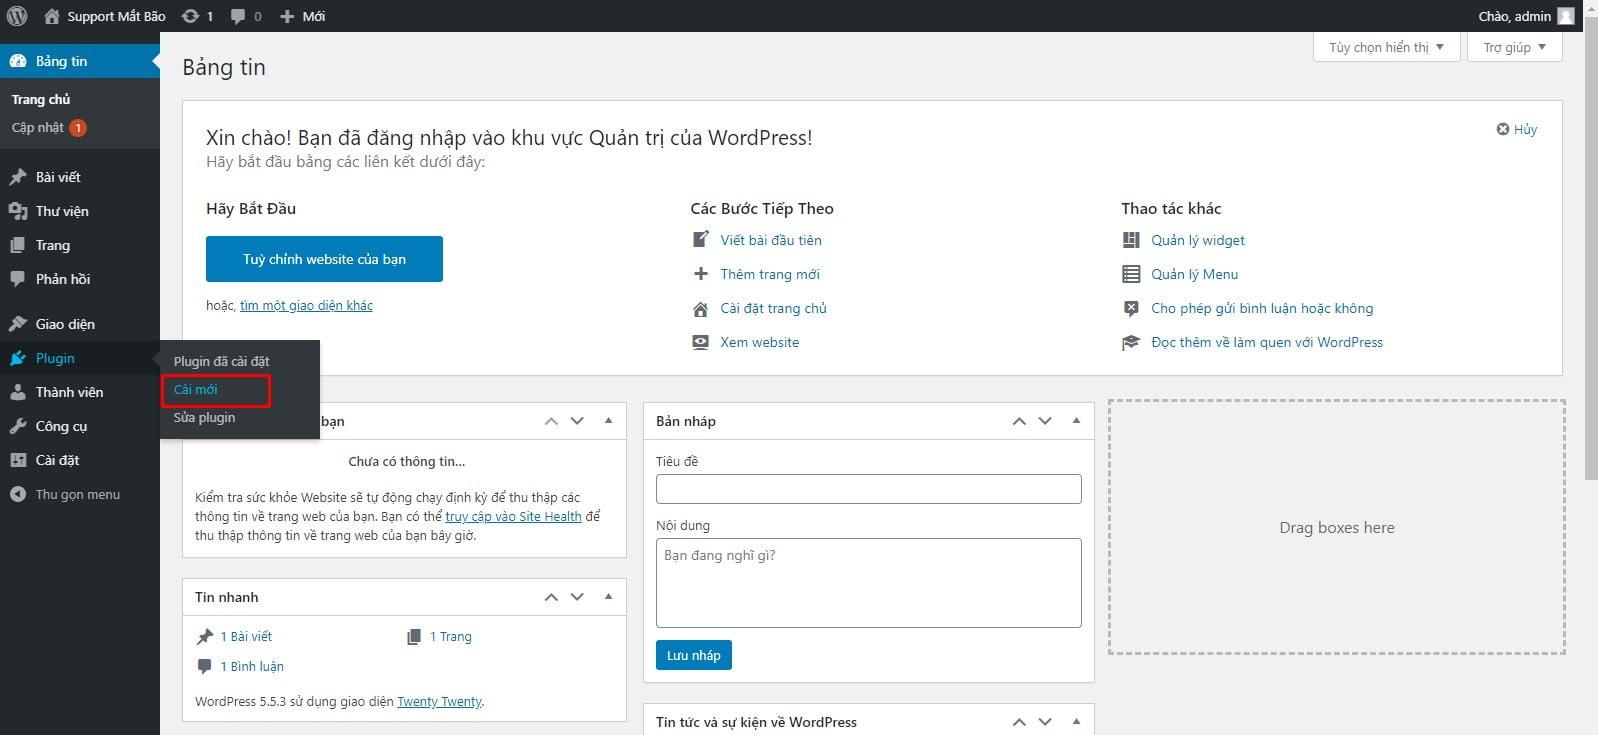 01 - Hướng dẫn cài đặt thông báo đẩy OneSignal cho WordPress từ A tới Z - Trung tâm hỗ trợ kỹ thuật